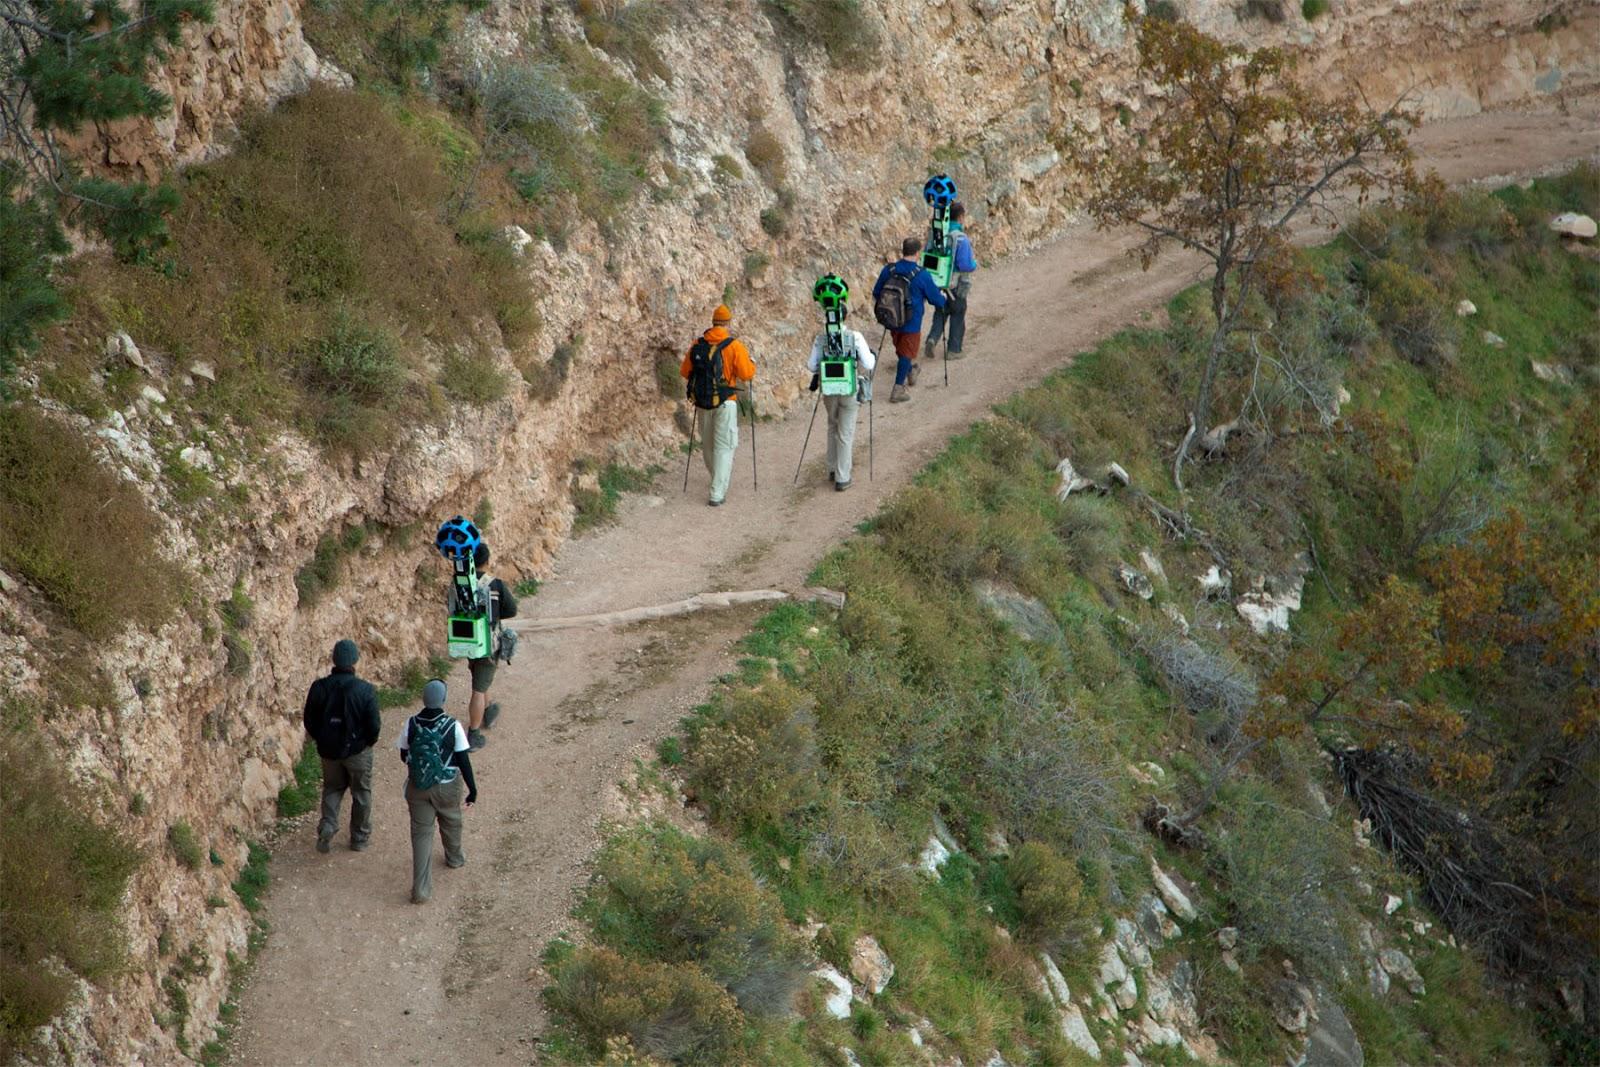 Rucksackfotografie: Google durchwandert den Grand Canyon für Street View -